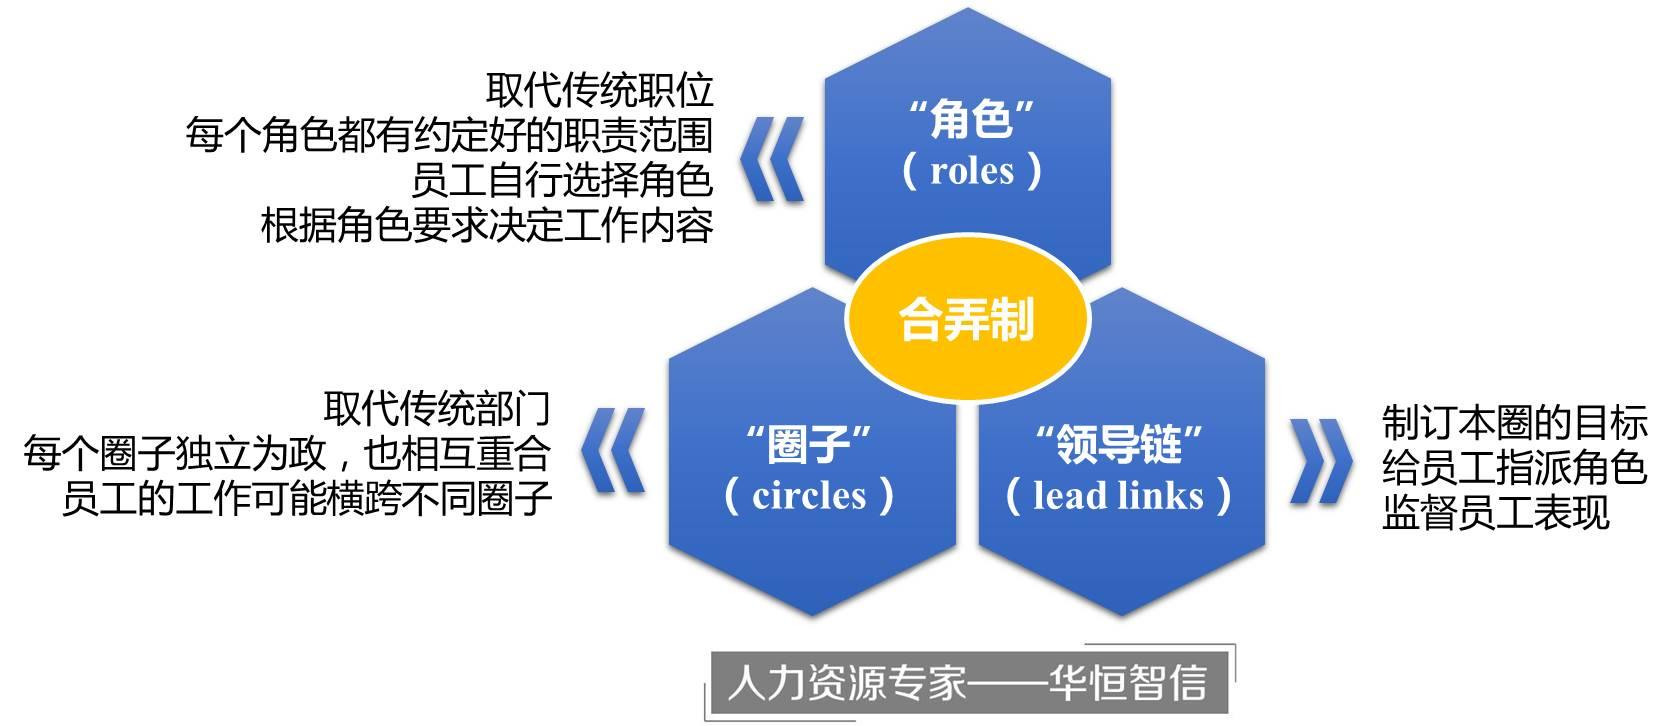 研究中心 管理案例研究中心 组织结构与管控模式       zappos的员工